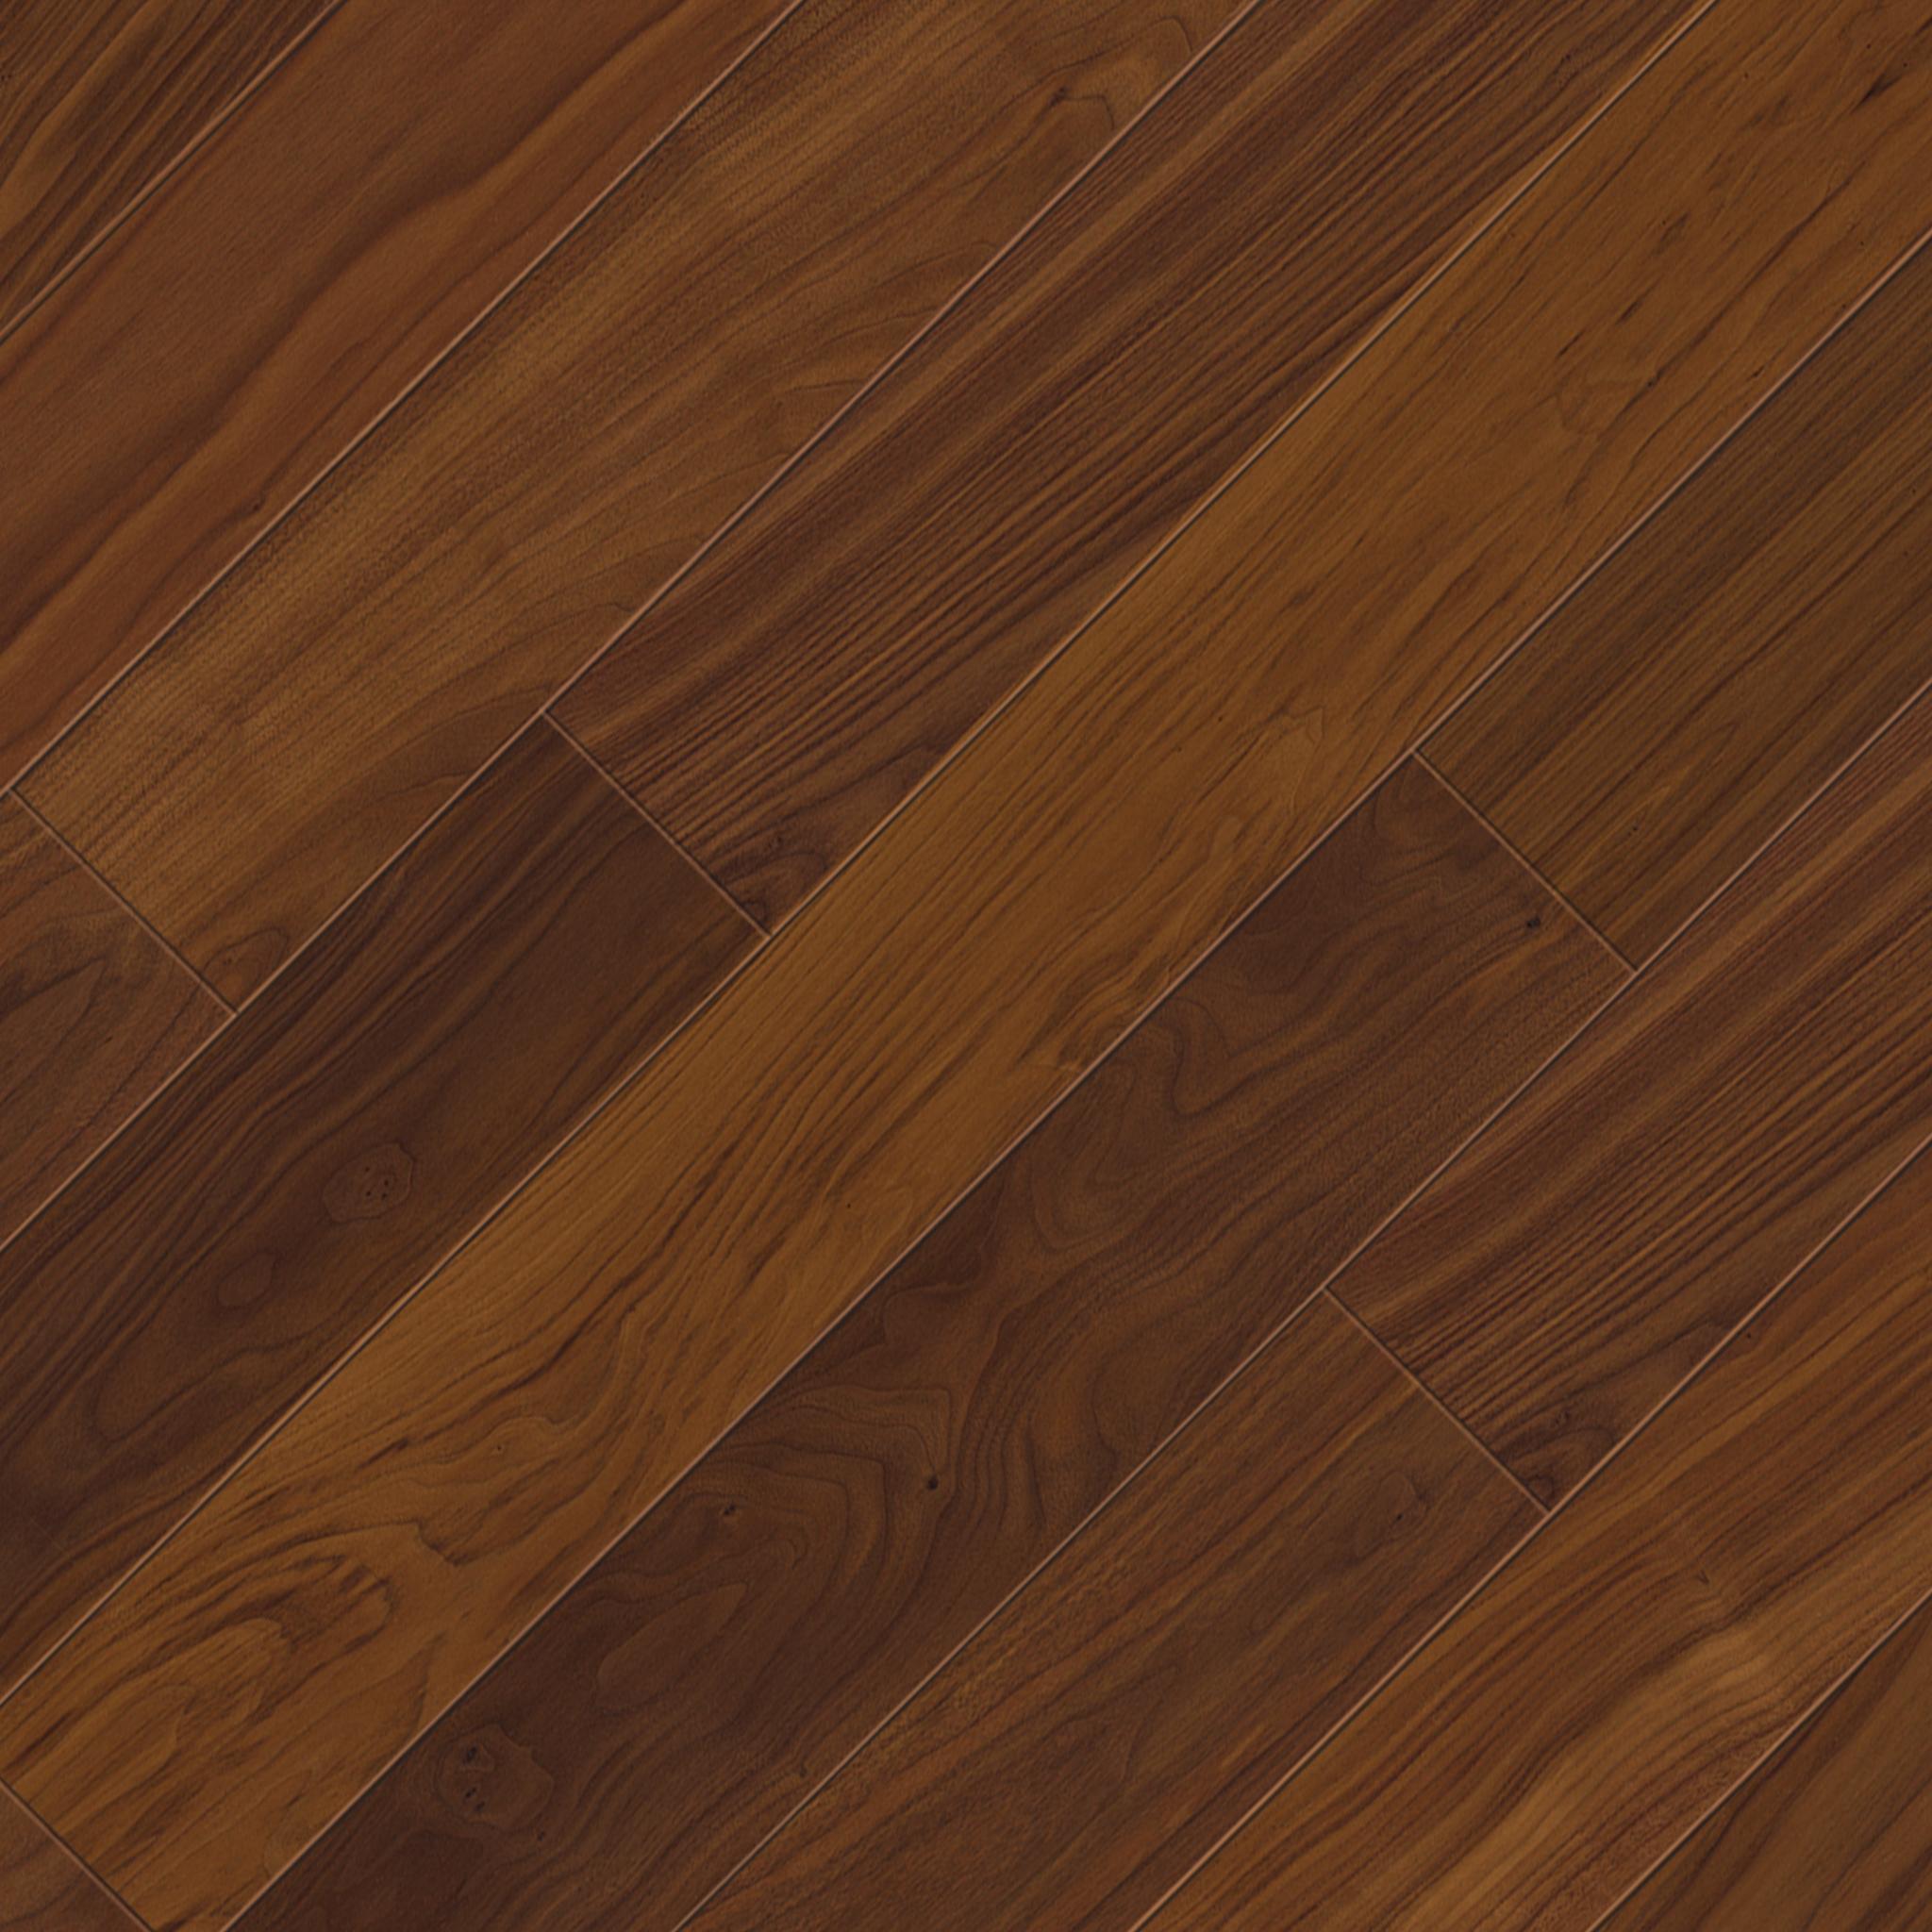 Floor-Art Da Vinci ami.Nussbaum Natur